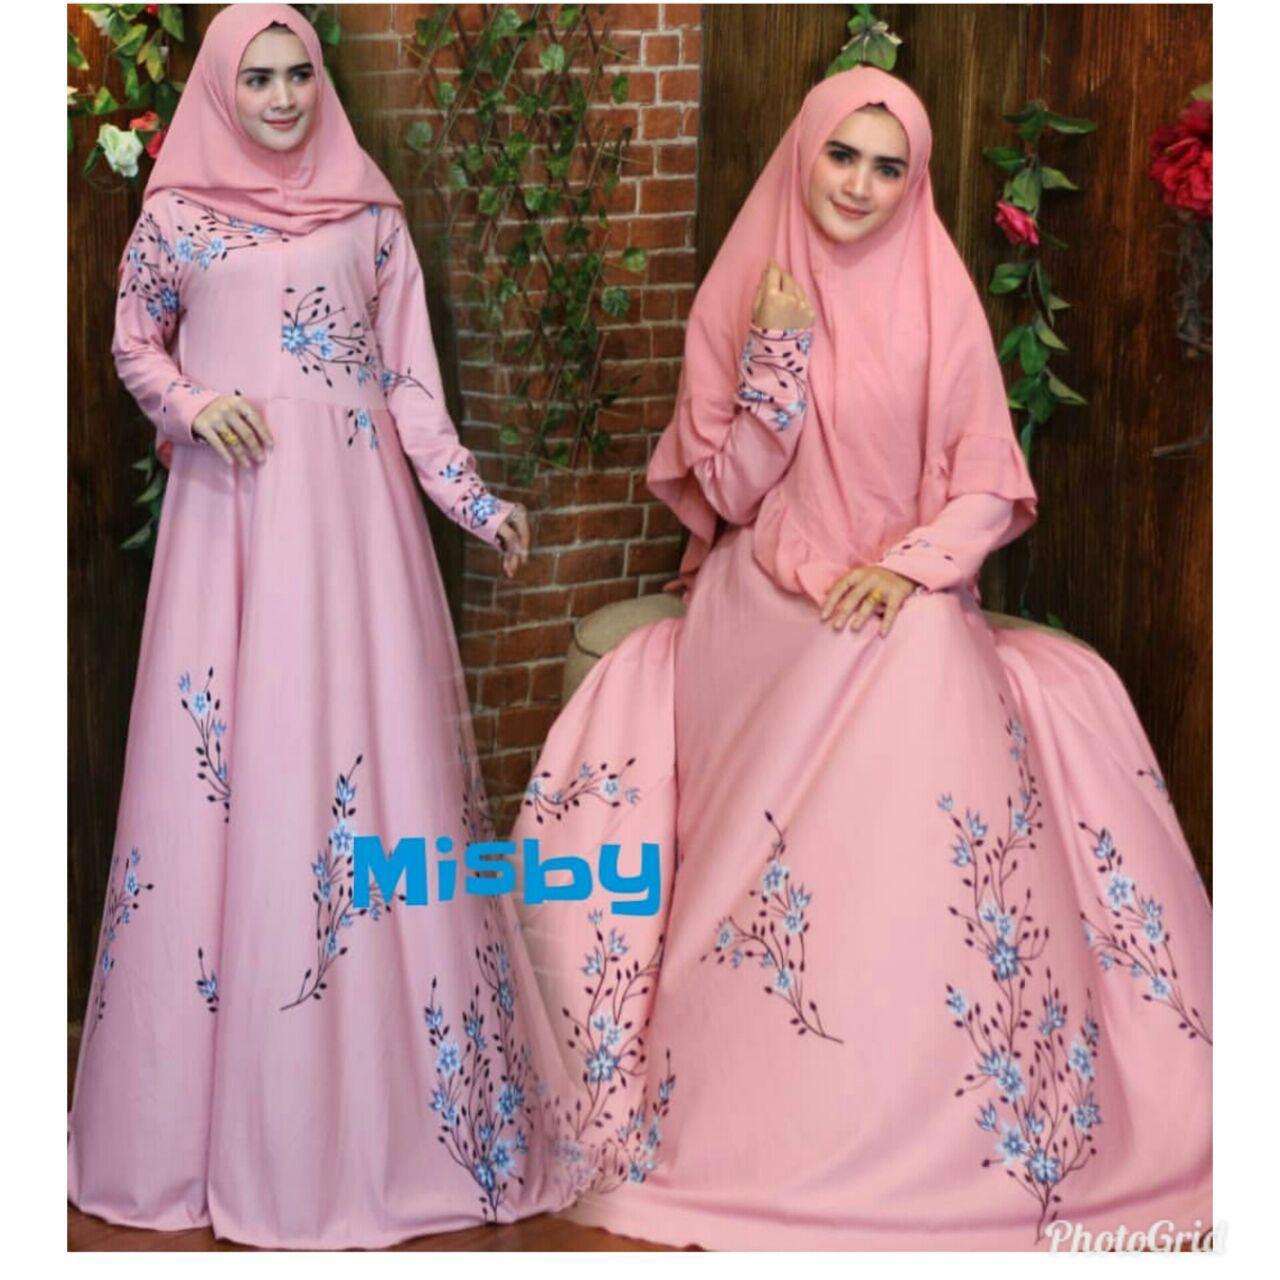 Nurulcollection-Baju gamis dress gaun muslim/gamis busui/gamis klok empat meter/Gamis murah/gamis motif/gamis polos/gamis terbaru